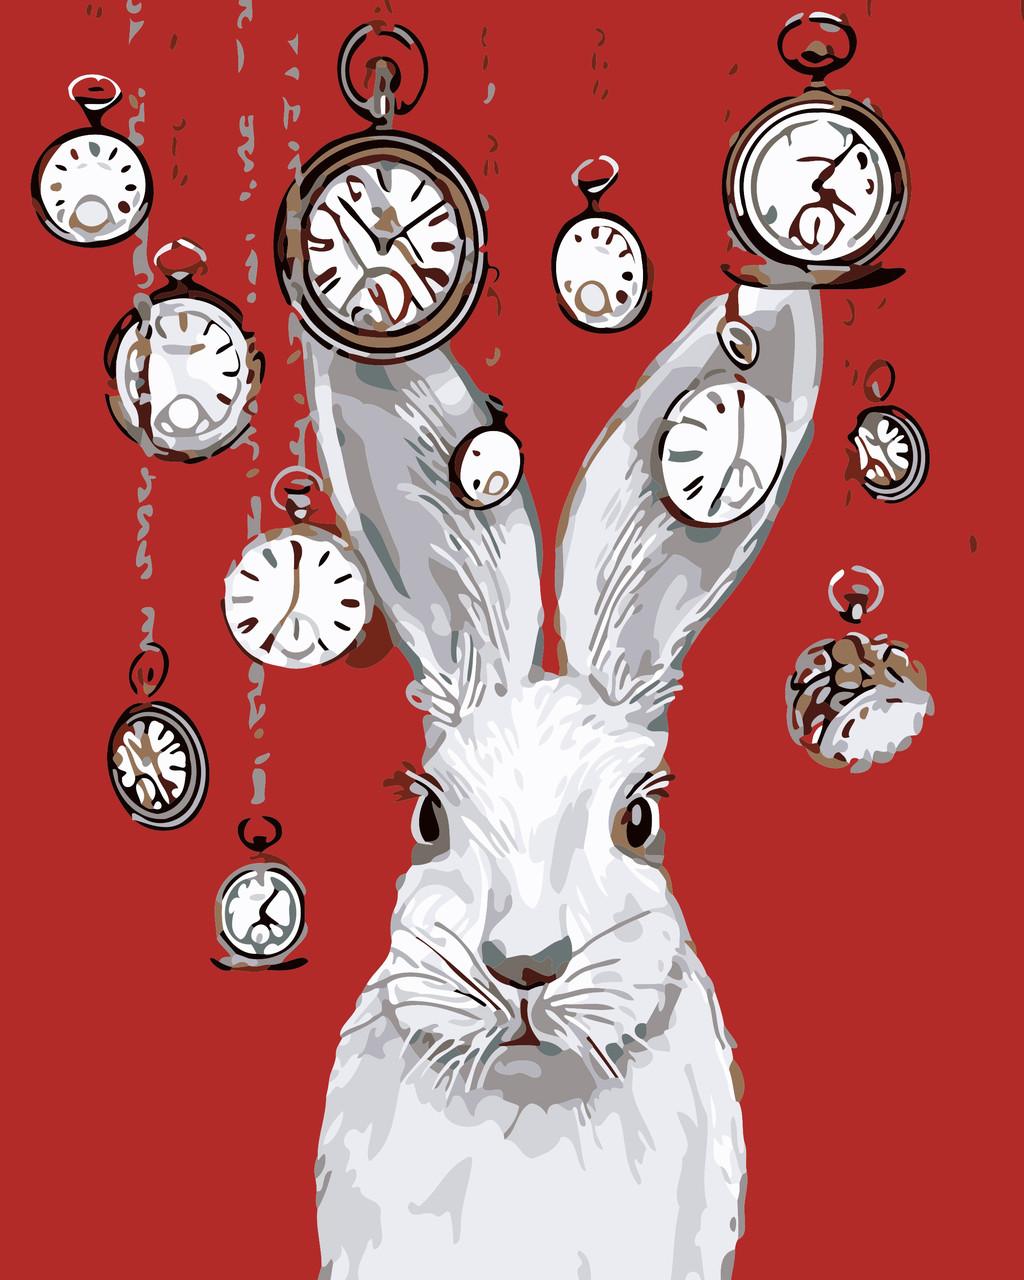 Художественный творческий набор, картина по номерам Кролик и часы, 40x50 см, «Art Story» (AS0552)